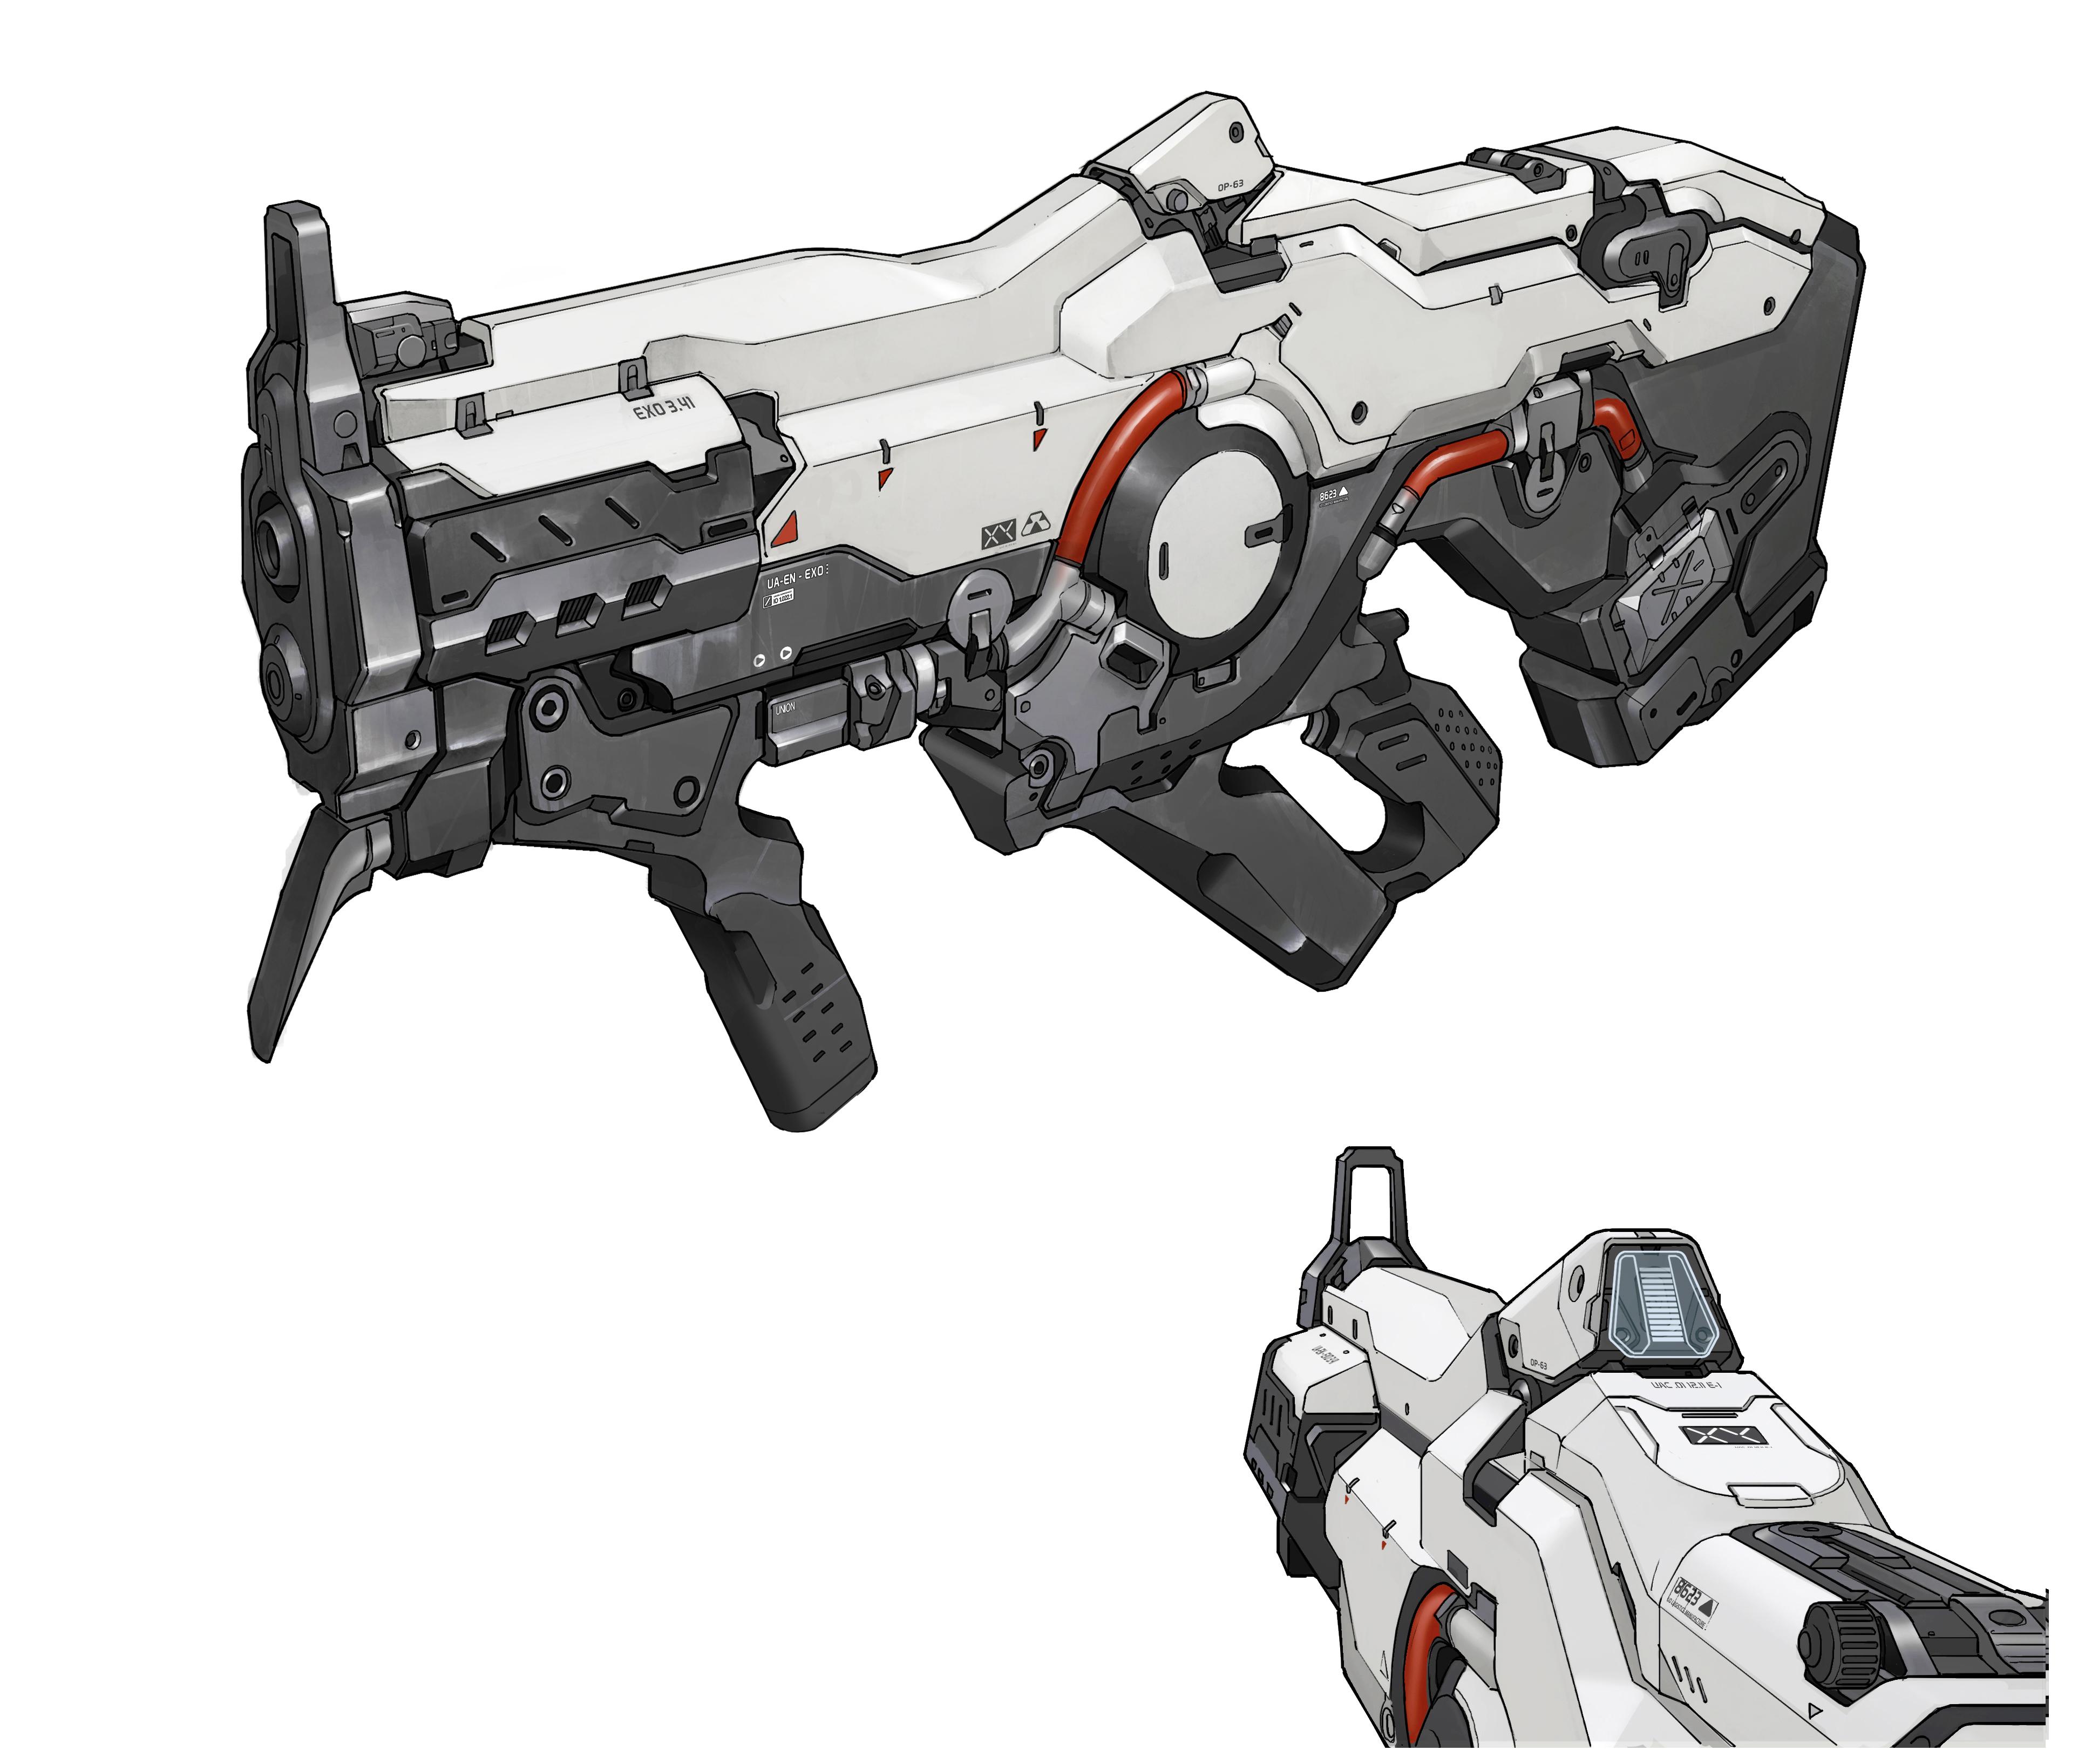 Jon Lane - Plasma Rifle